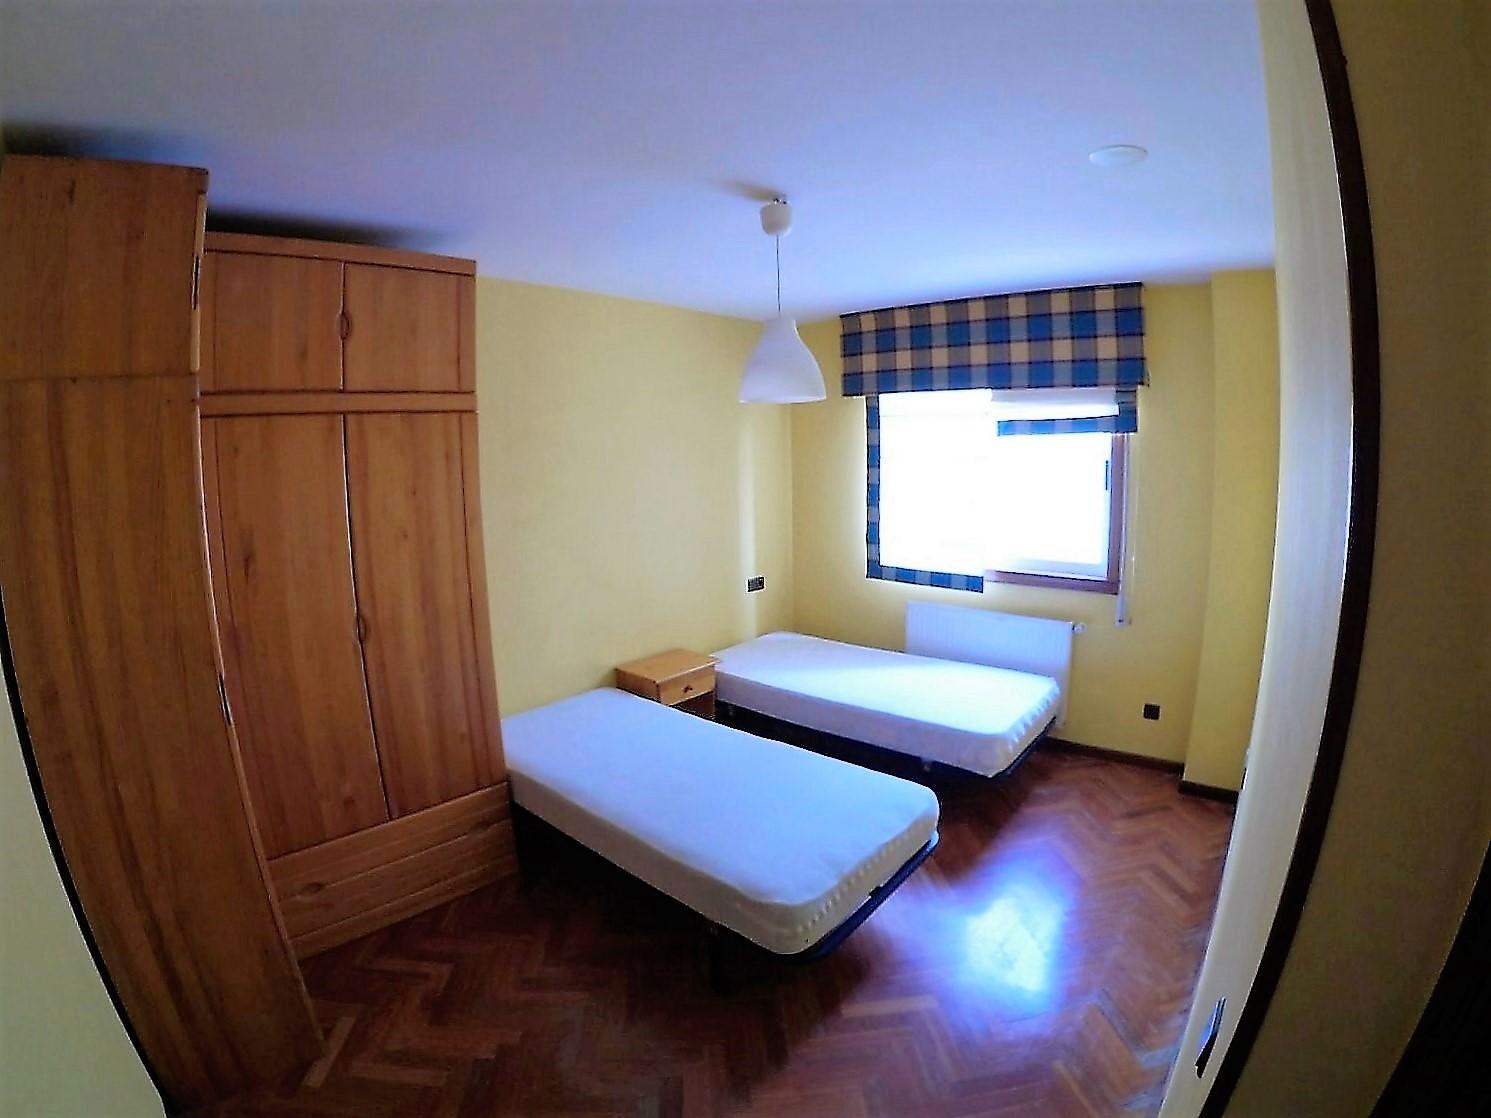 Viviendas coru a viviendas coru a piso amueblado en alquiler en lonzas dos dormitorios garaje - Alquiler pisos coruna ciudad ...